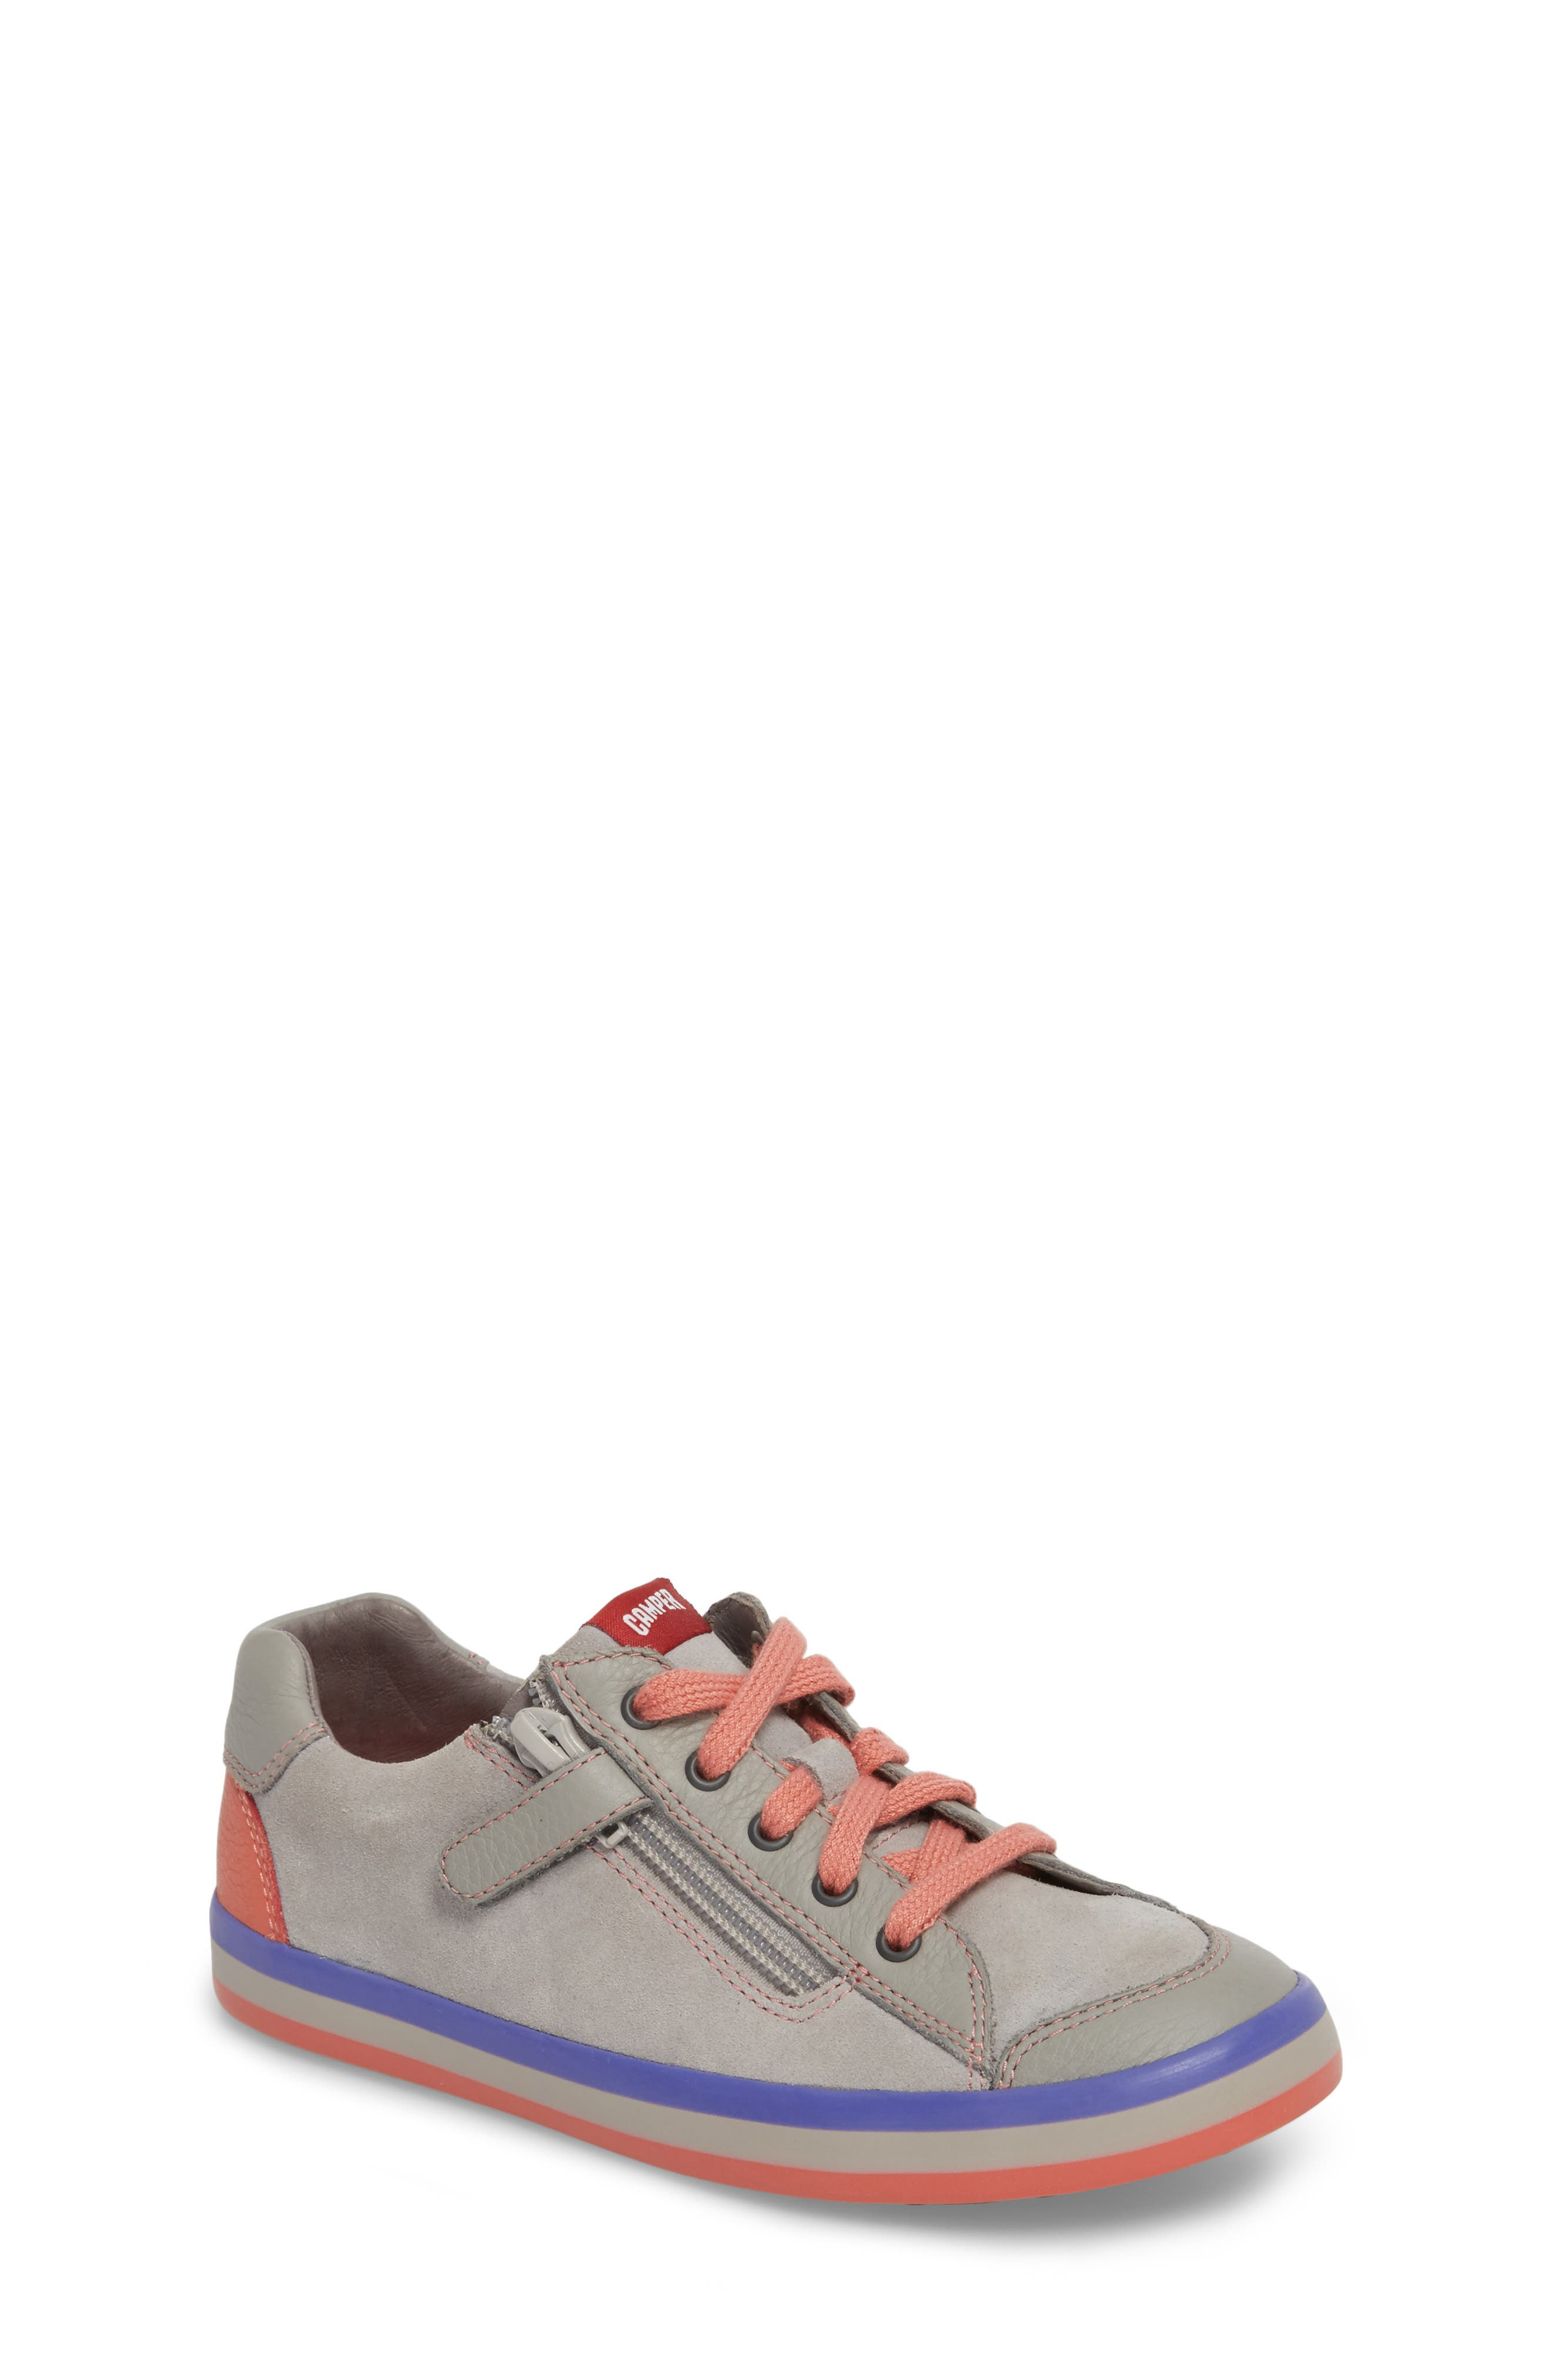 Pursuit Sneaker,                             Main thumbnail 1, color,                             Light Grey